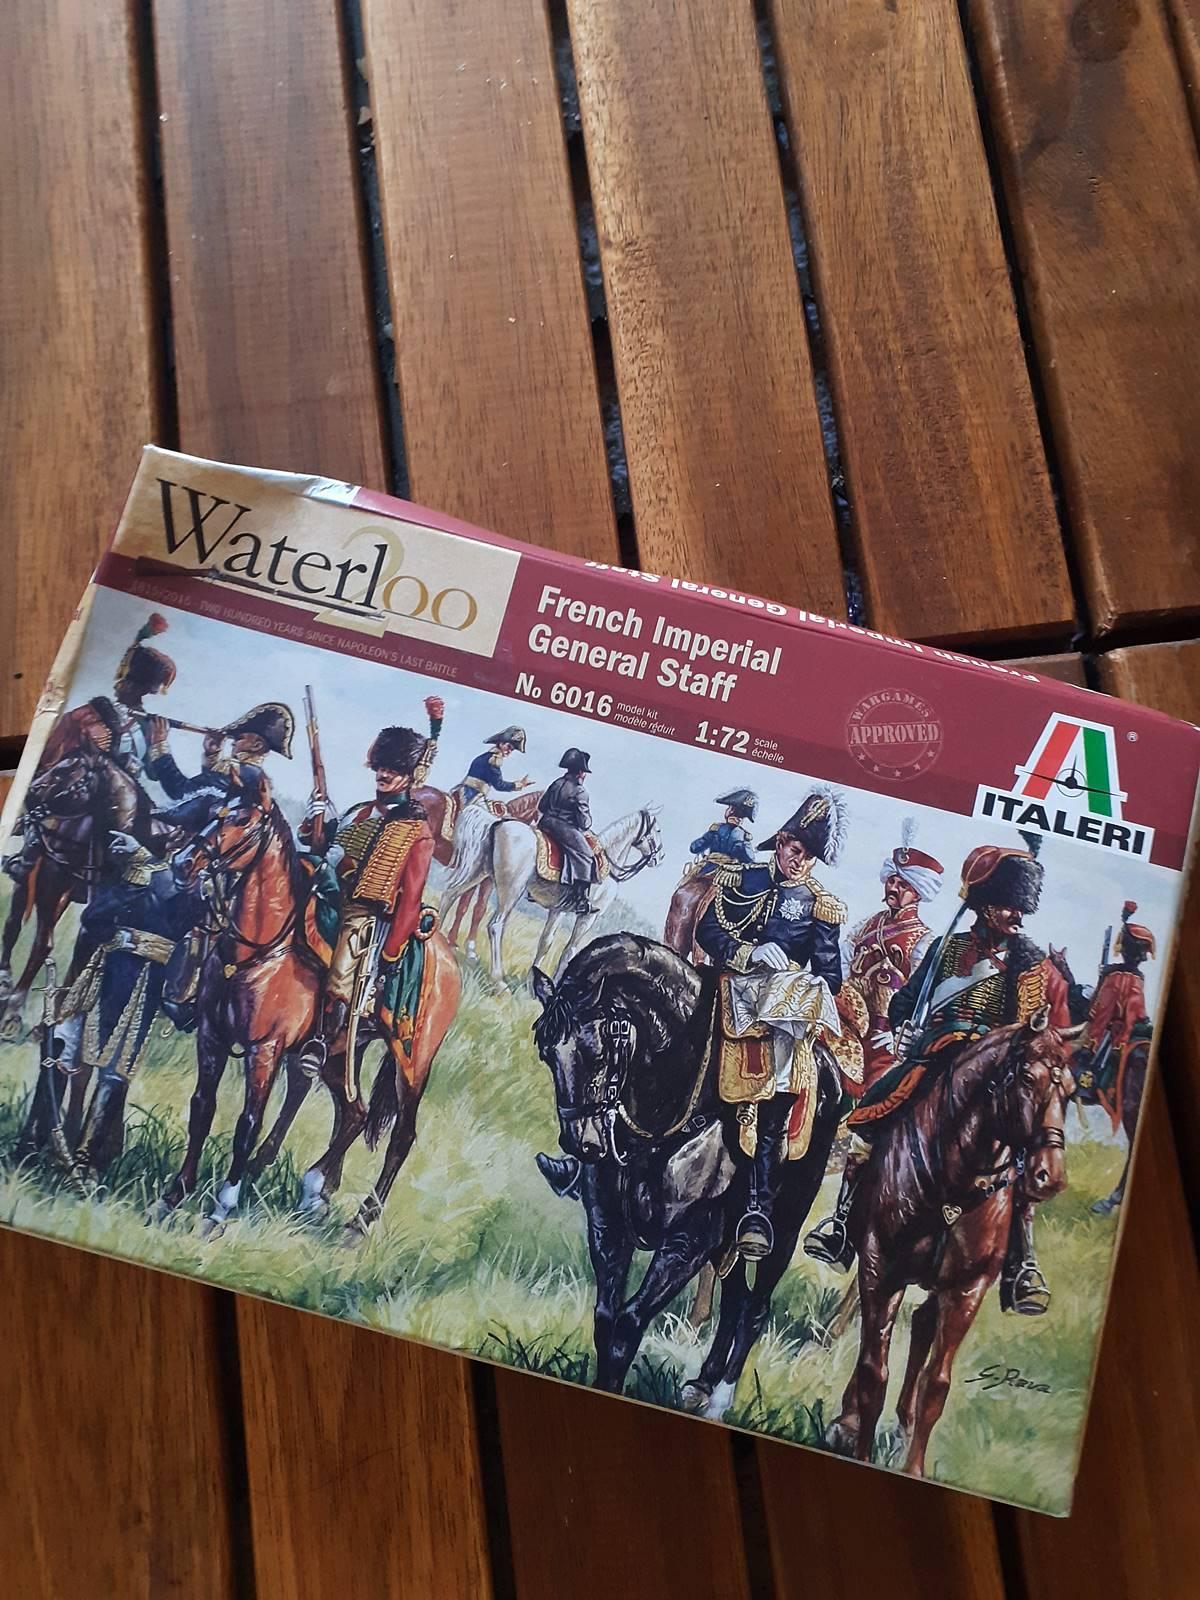 Maquette de napoleon et de ses soldats durant la bataille de waterloo20210317 115140